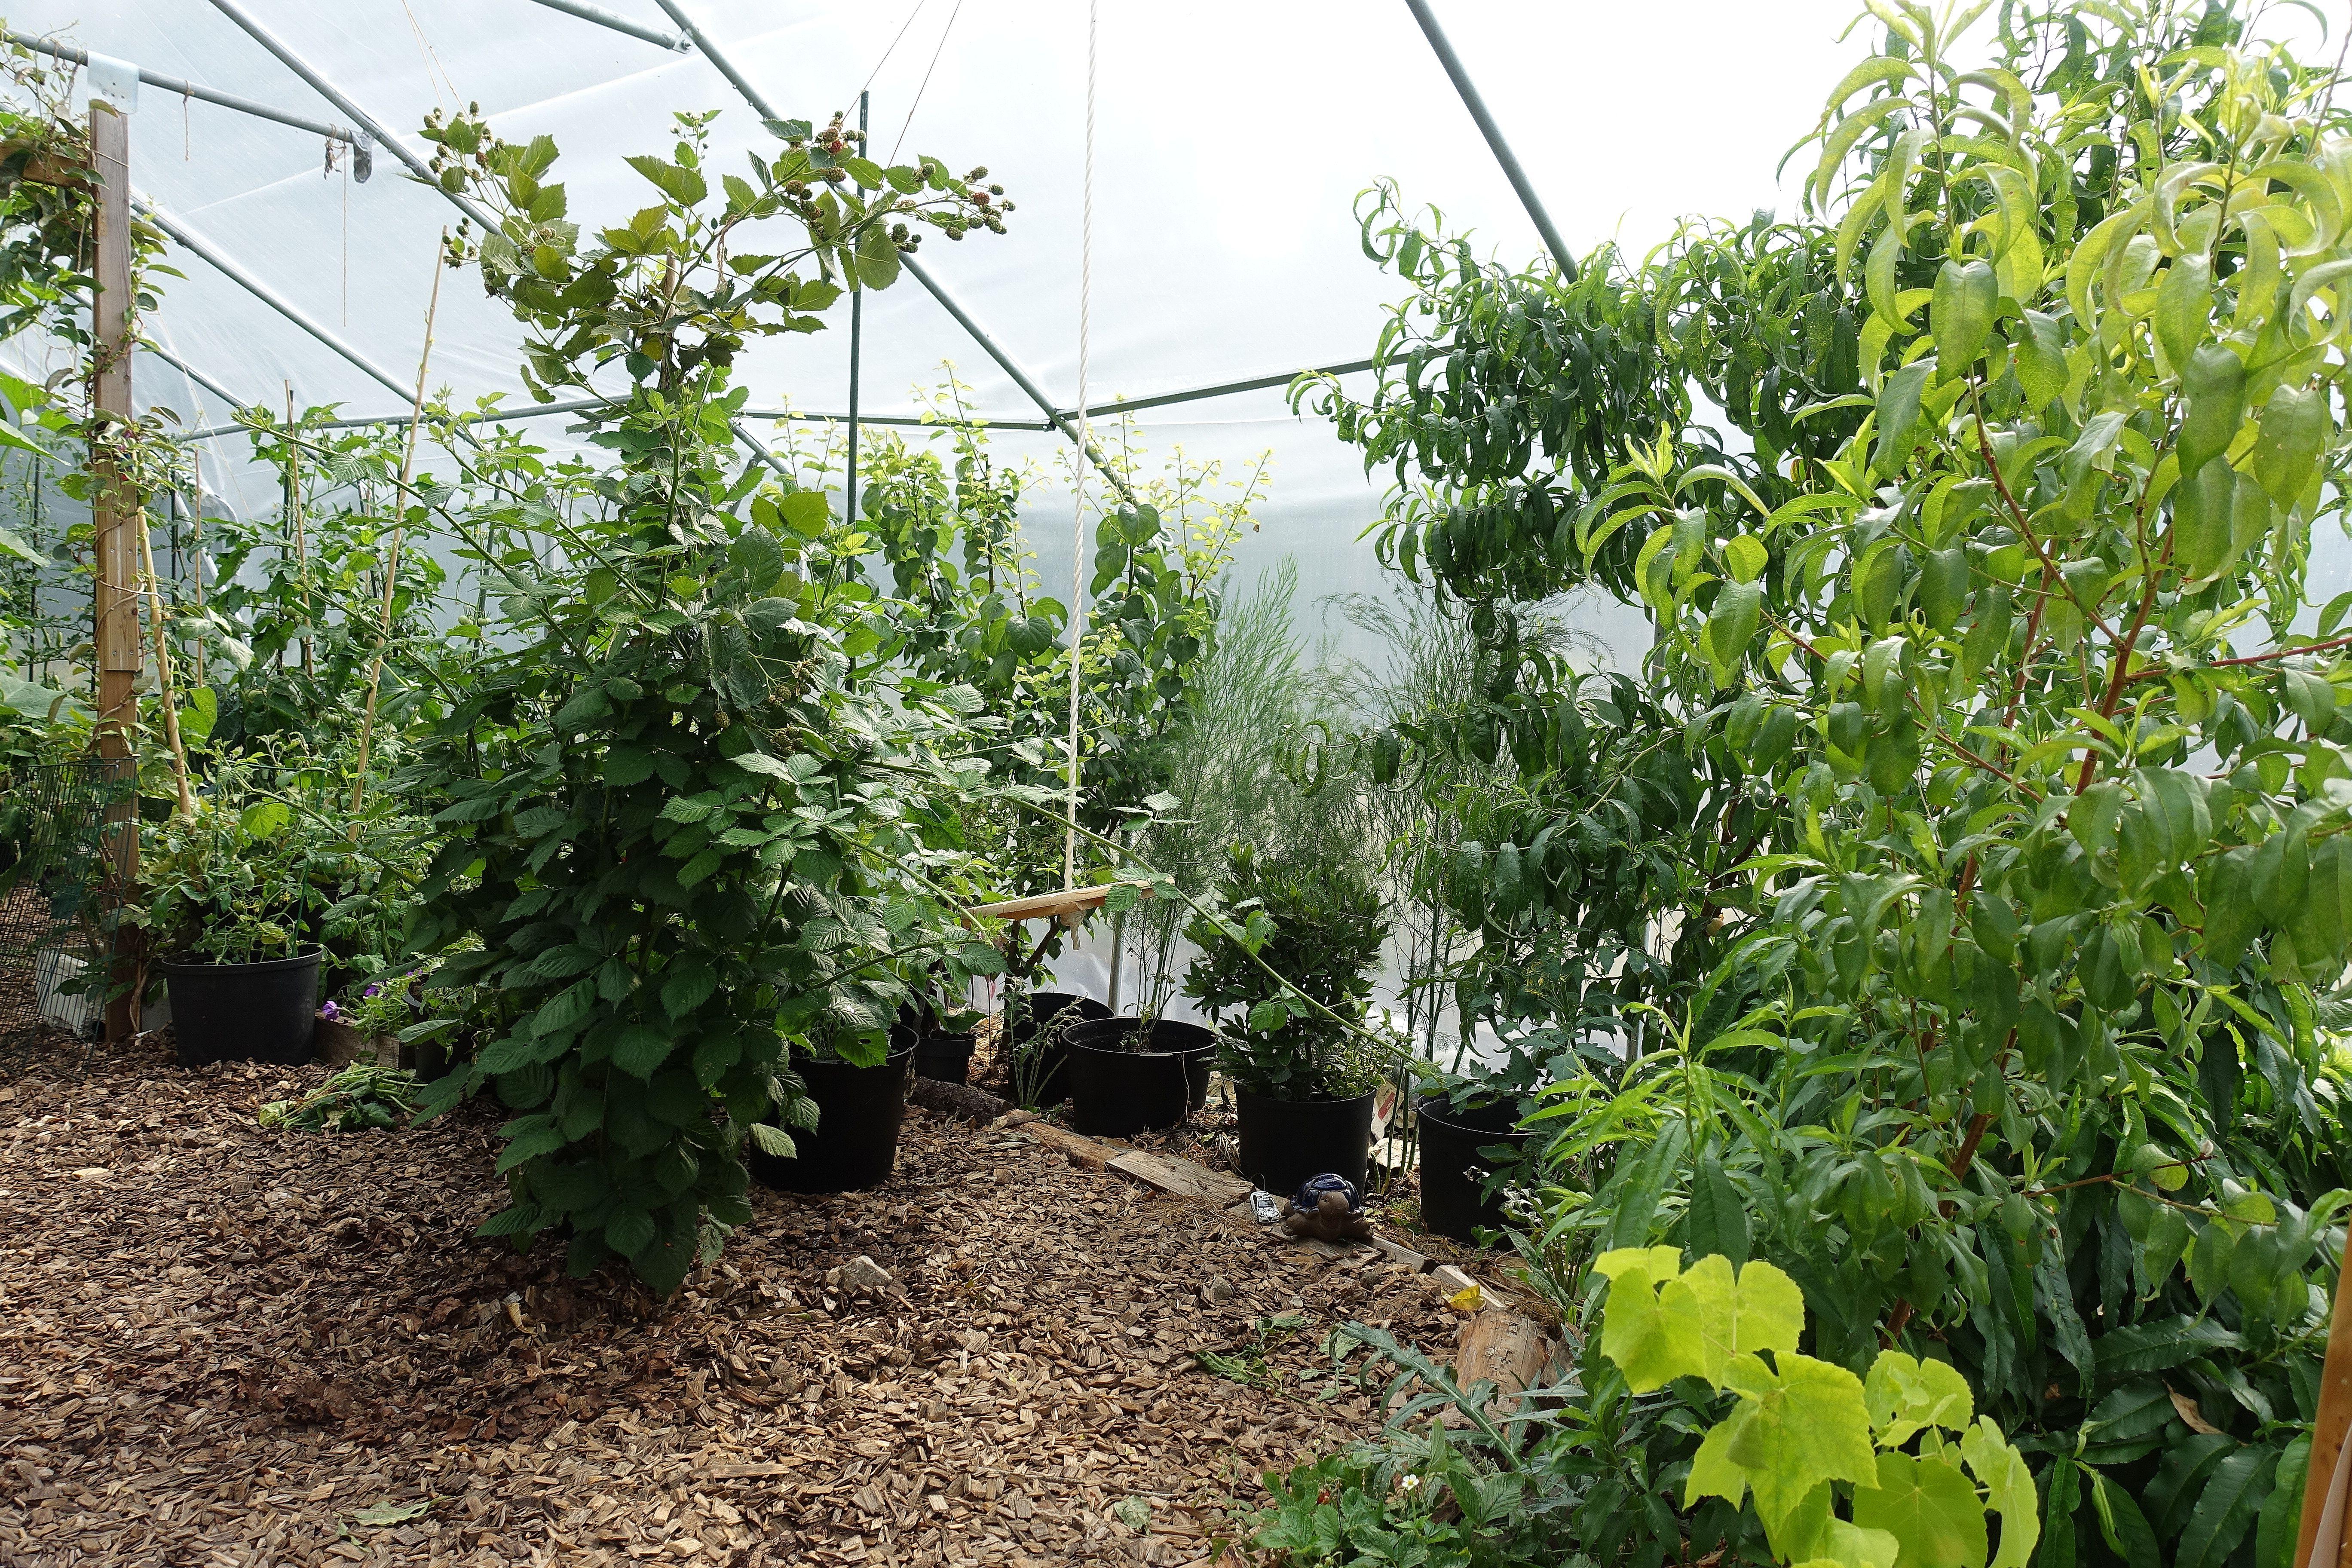 Bild inifrån tunnelväxthuset med vackra träd längs kanterna och ljus träflis på marken.